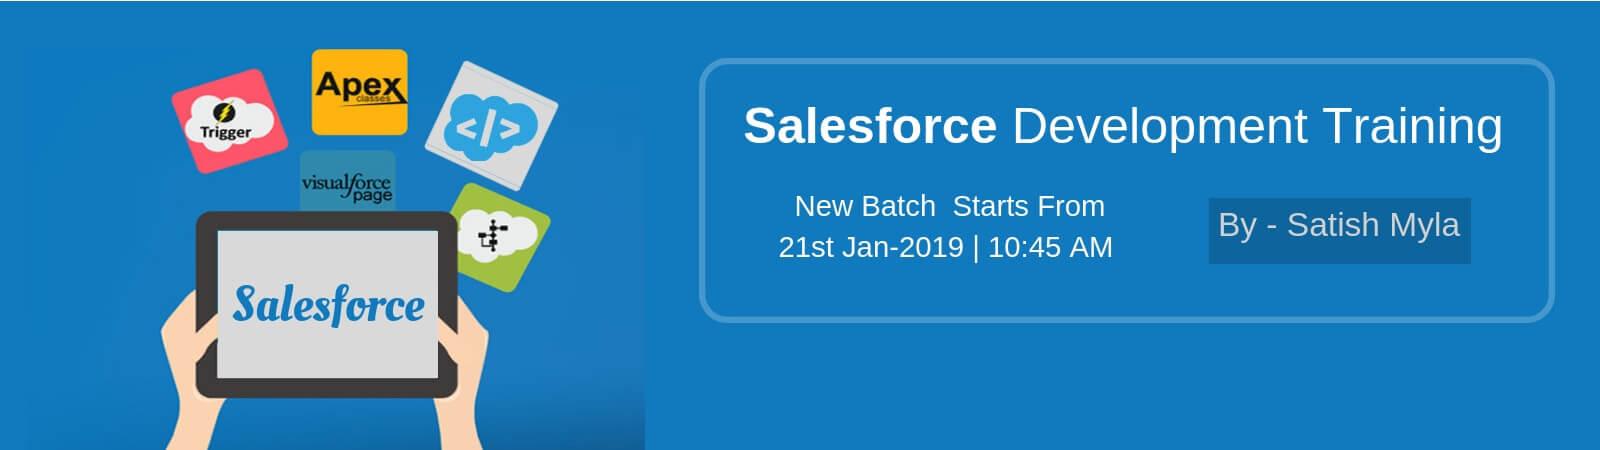 Salesforce development banner